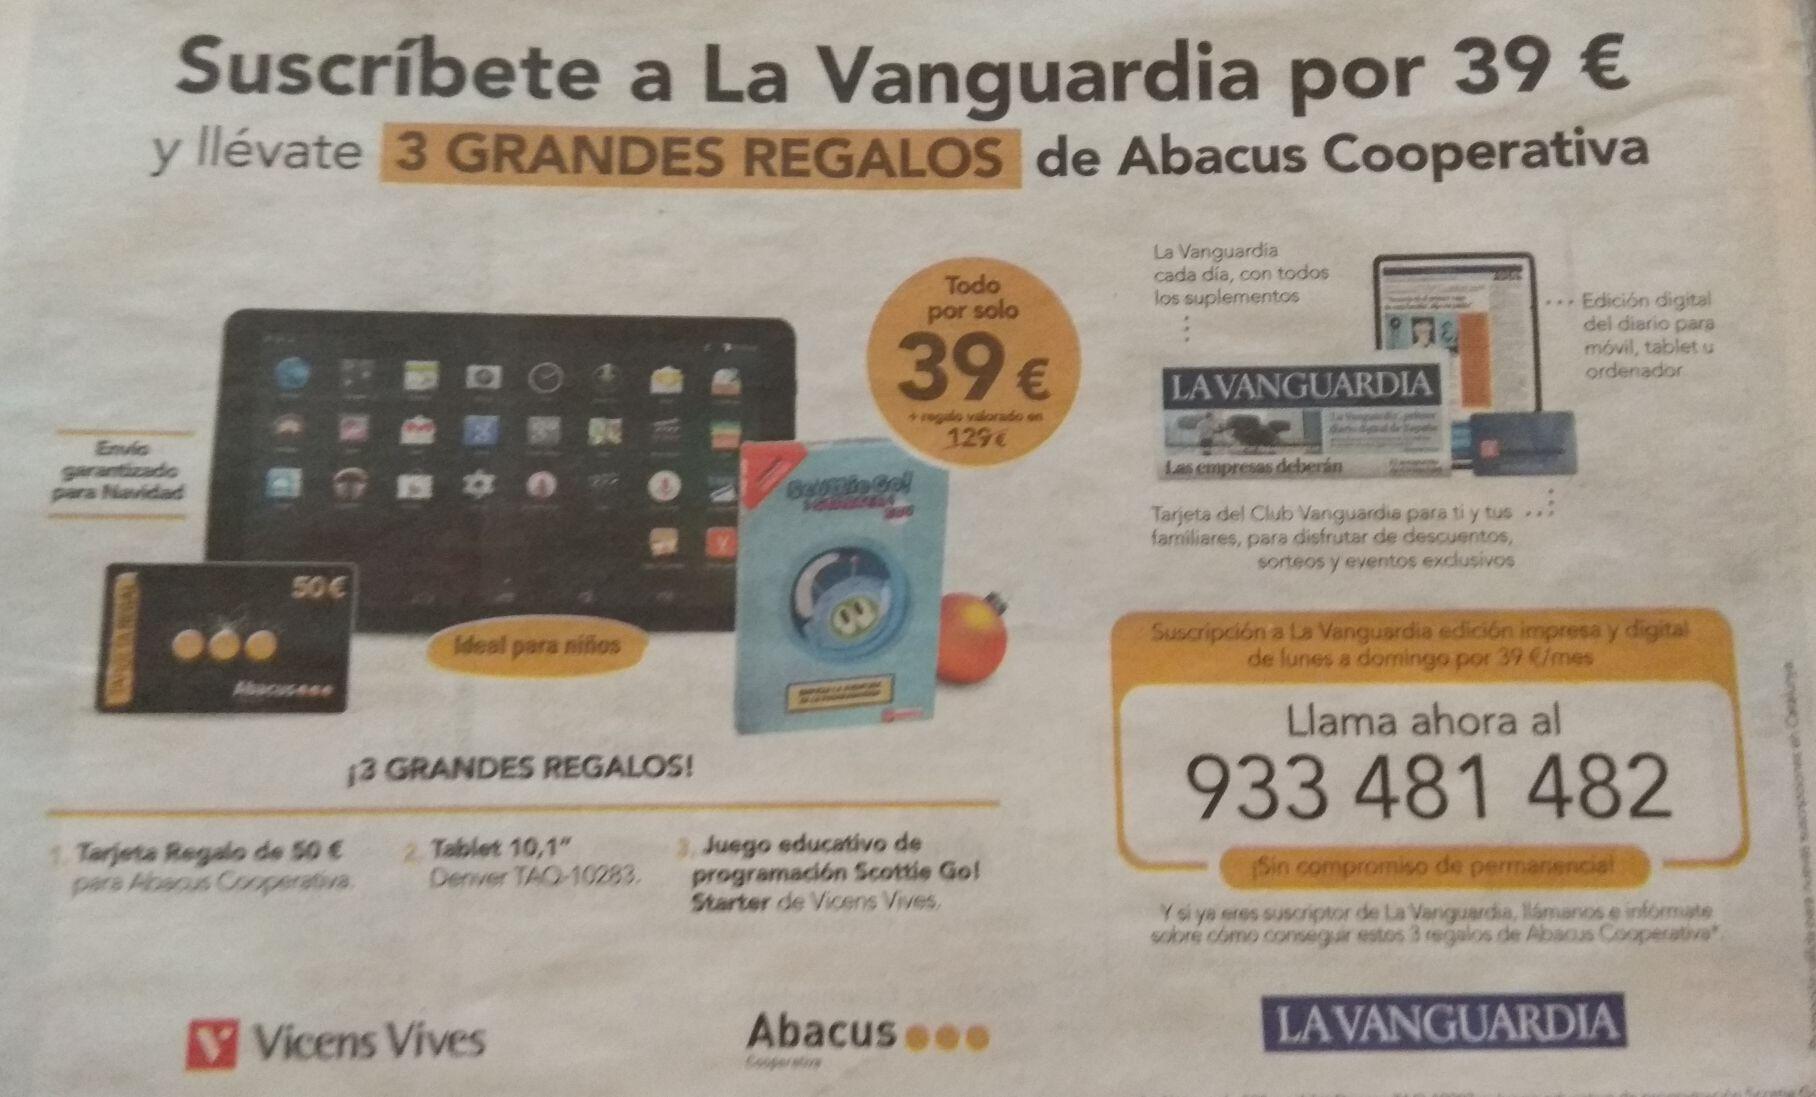 Con la suscripción (online y papel) de regalo tarjeta abacus 50€ + Tablet 10'1+Juego educativo + 2 meses HBO